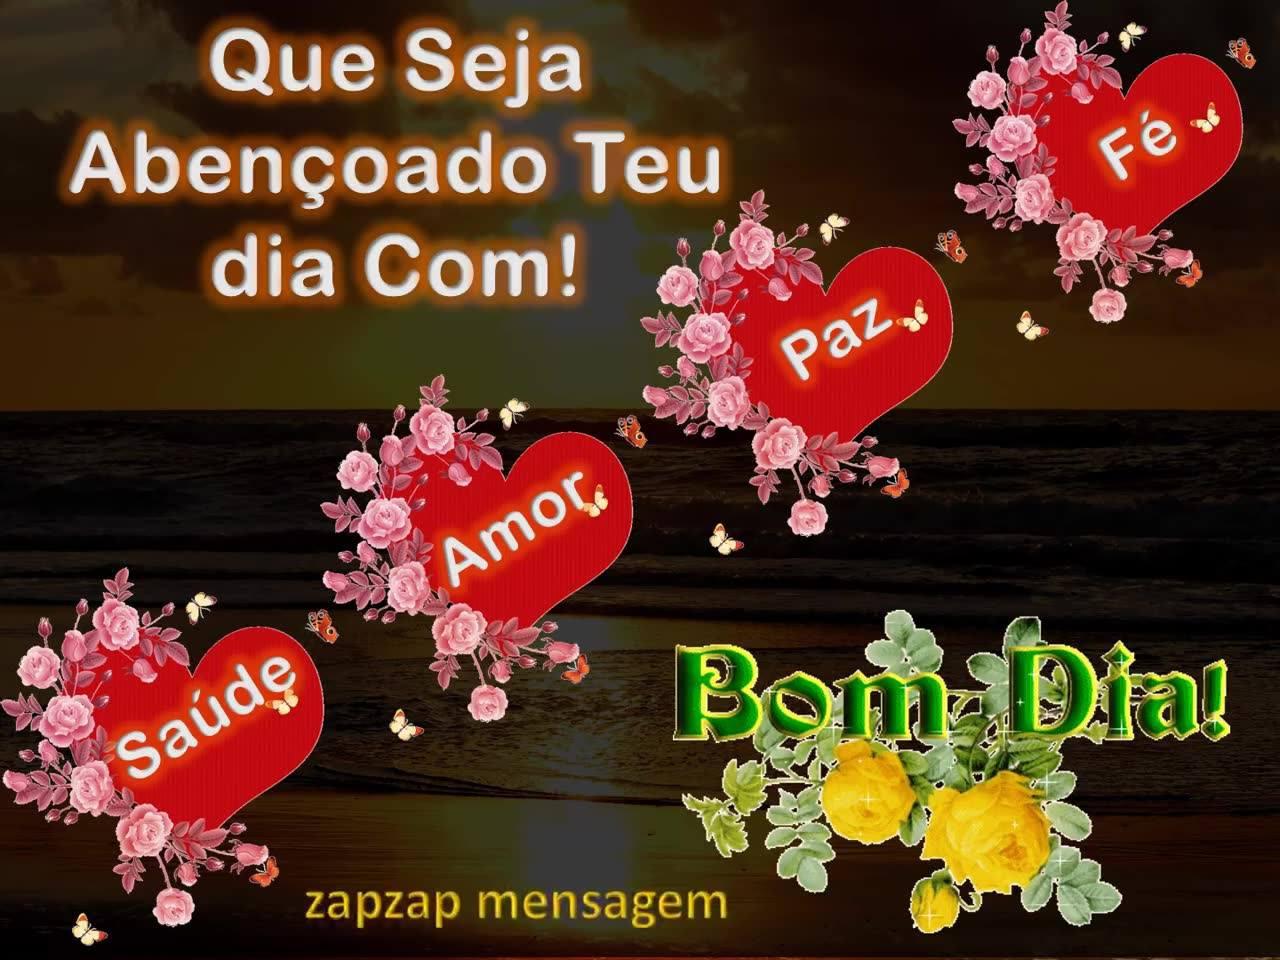 Bom Dia Romantico Imagens: Vídeo De Bom Dia Com Saúde, Amor, Paz E Fé, Para